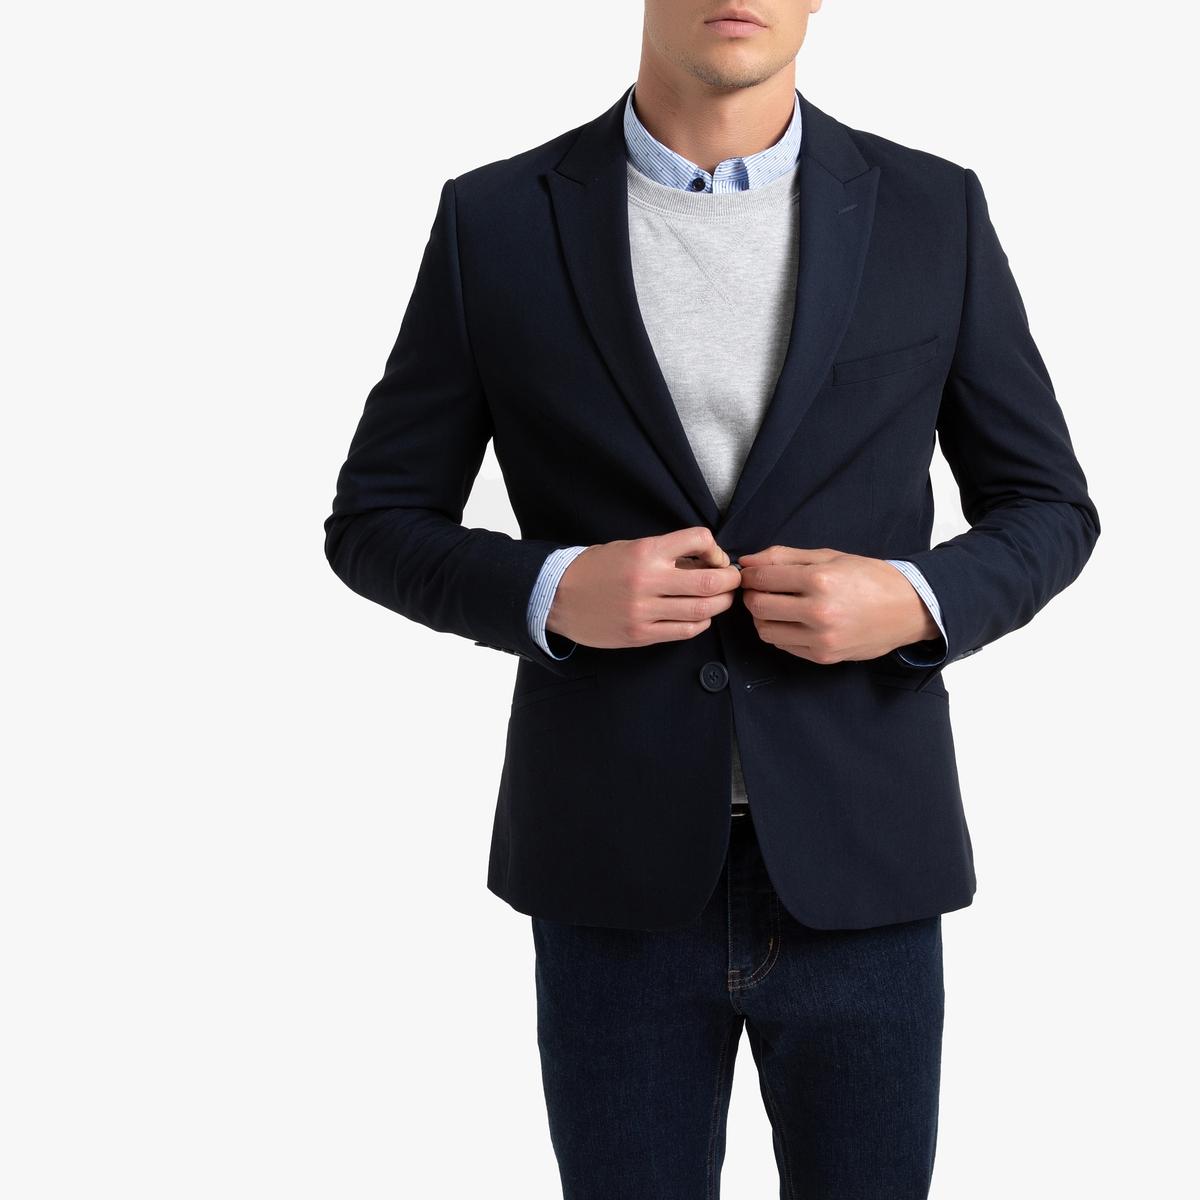 Пиджак La Redoute Костюмный узкого покроя 42 синий джинсы la redoute стретч узкого покроя hatch 32 34 синий